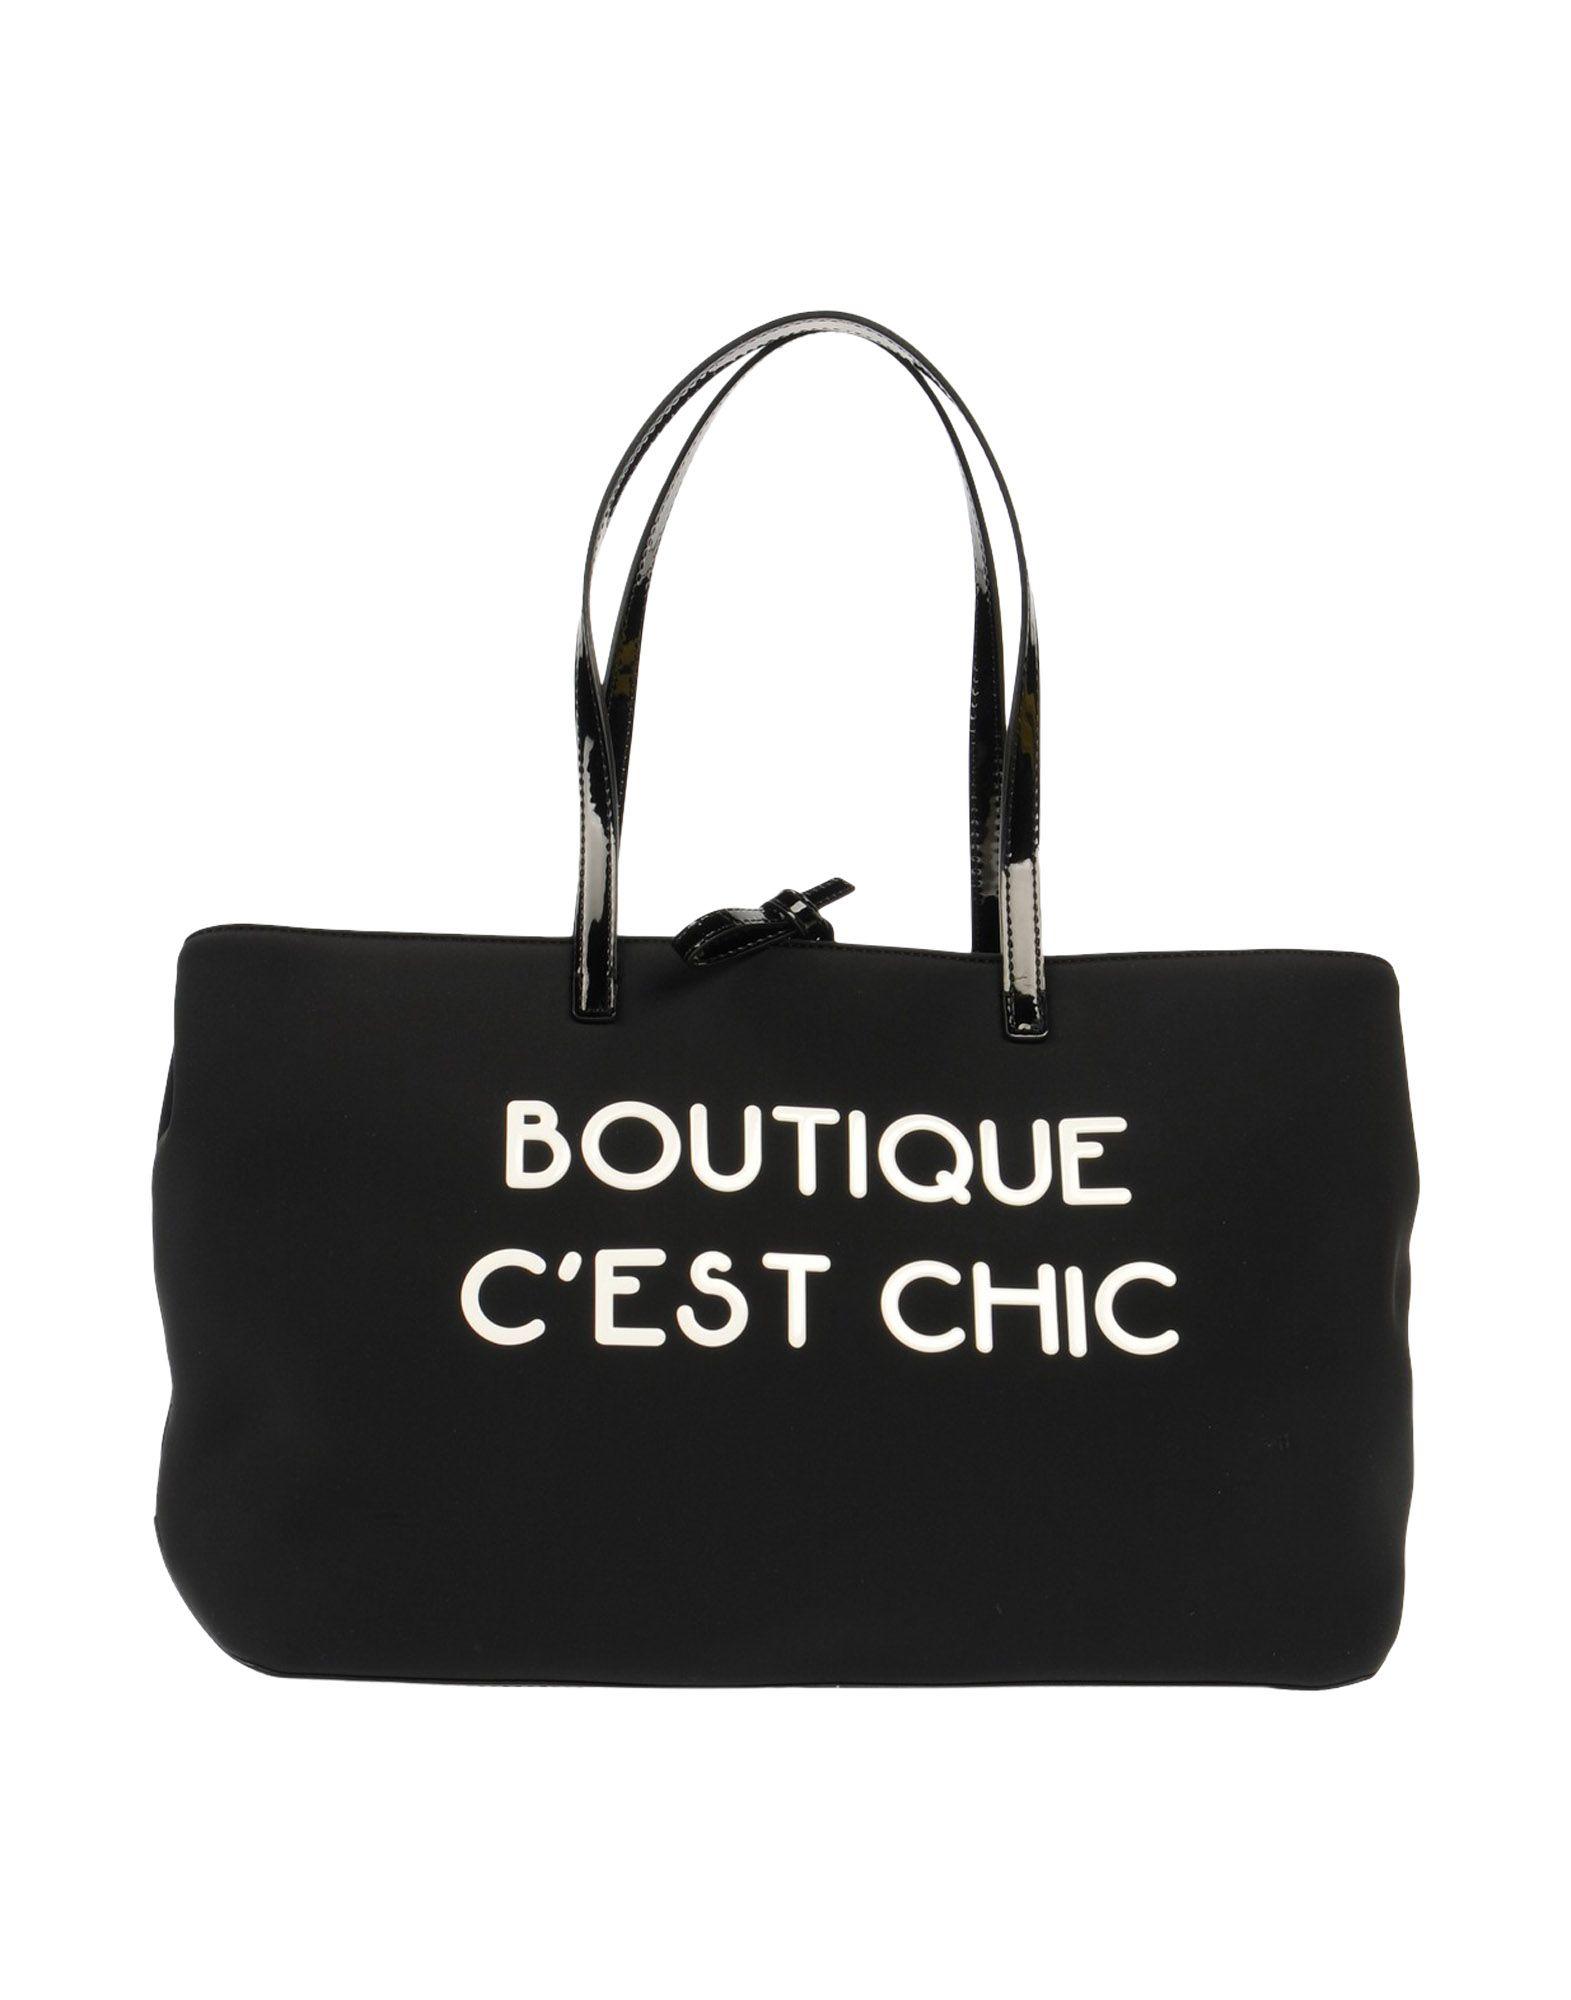 《送料無料》BOUTIQUE MOSCHINO レディース 肩掛けバッグ ブラック 革 / 紡績繊維